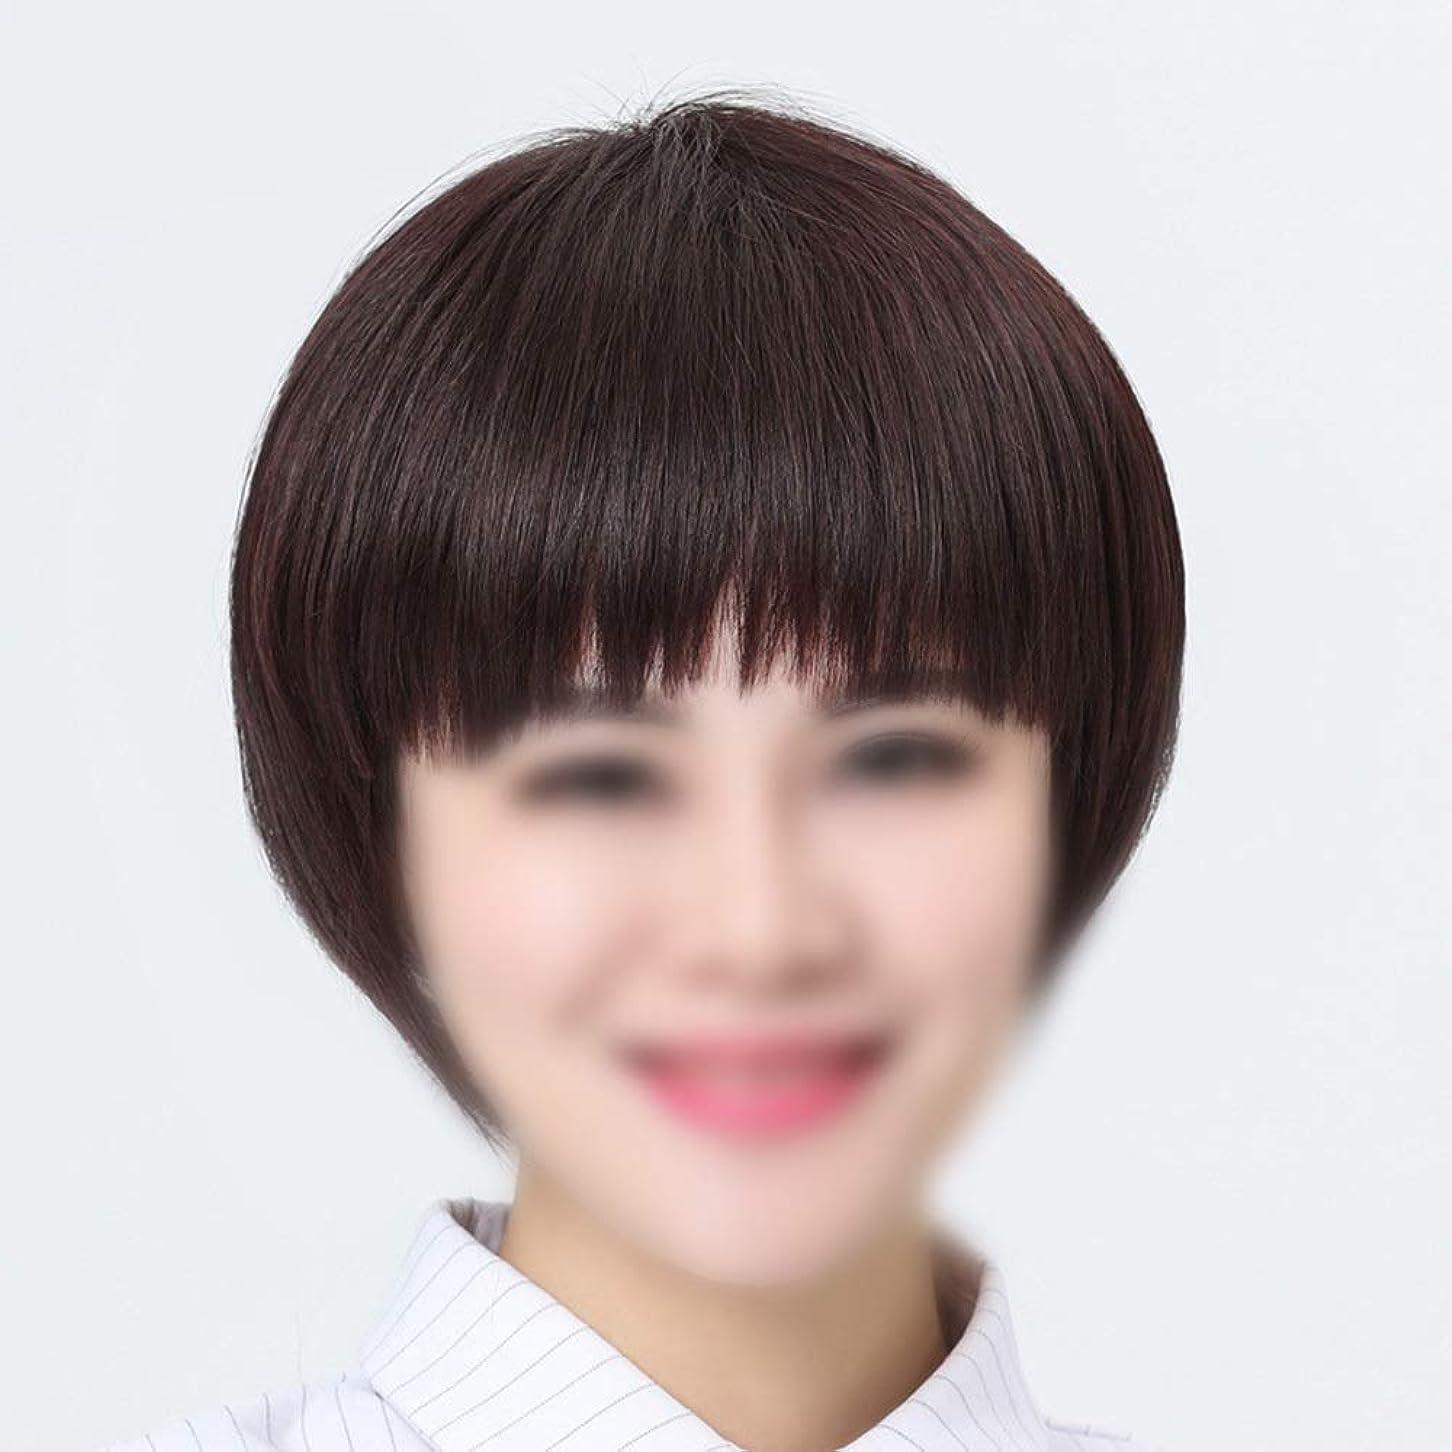 プロテスタント疾患ベットYrattary 女性の短いストレートヘア中年のかつら本物の髪の女性の母親の髪かつらパーティーのかつら (Color : Natural black, サイズ : Hand-needle)